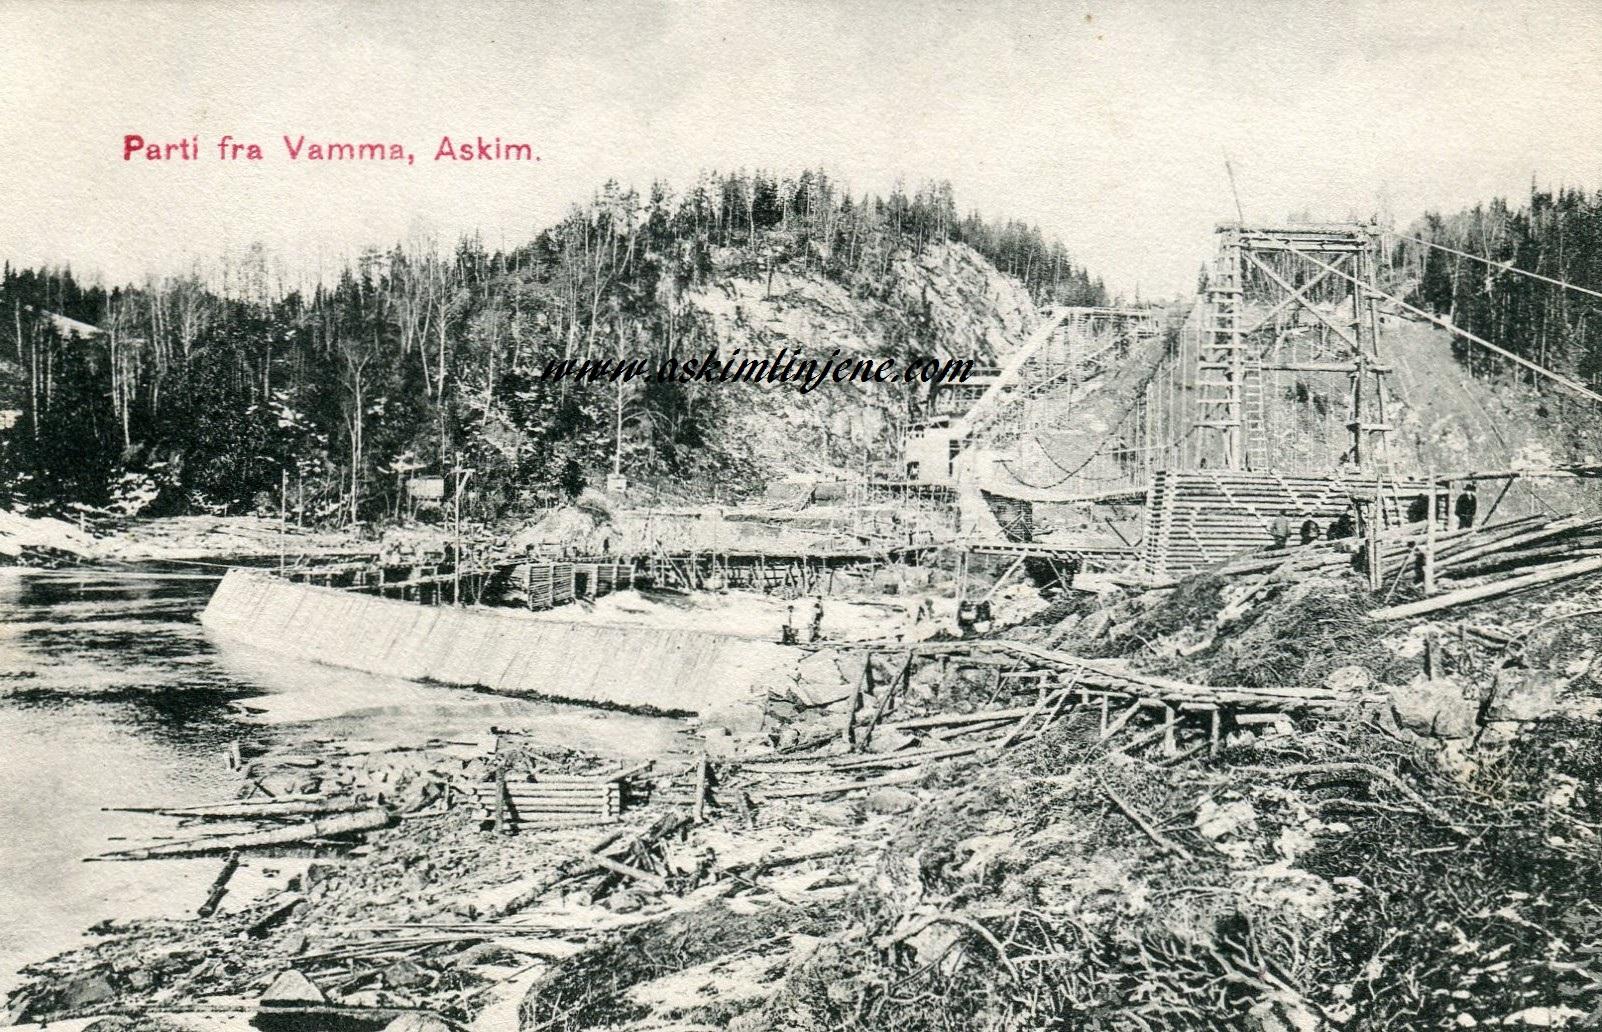 Vamma ca 1910